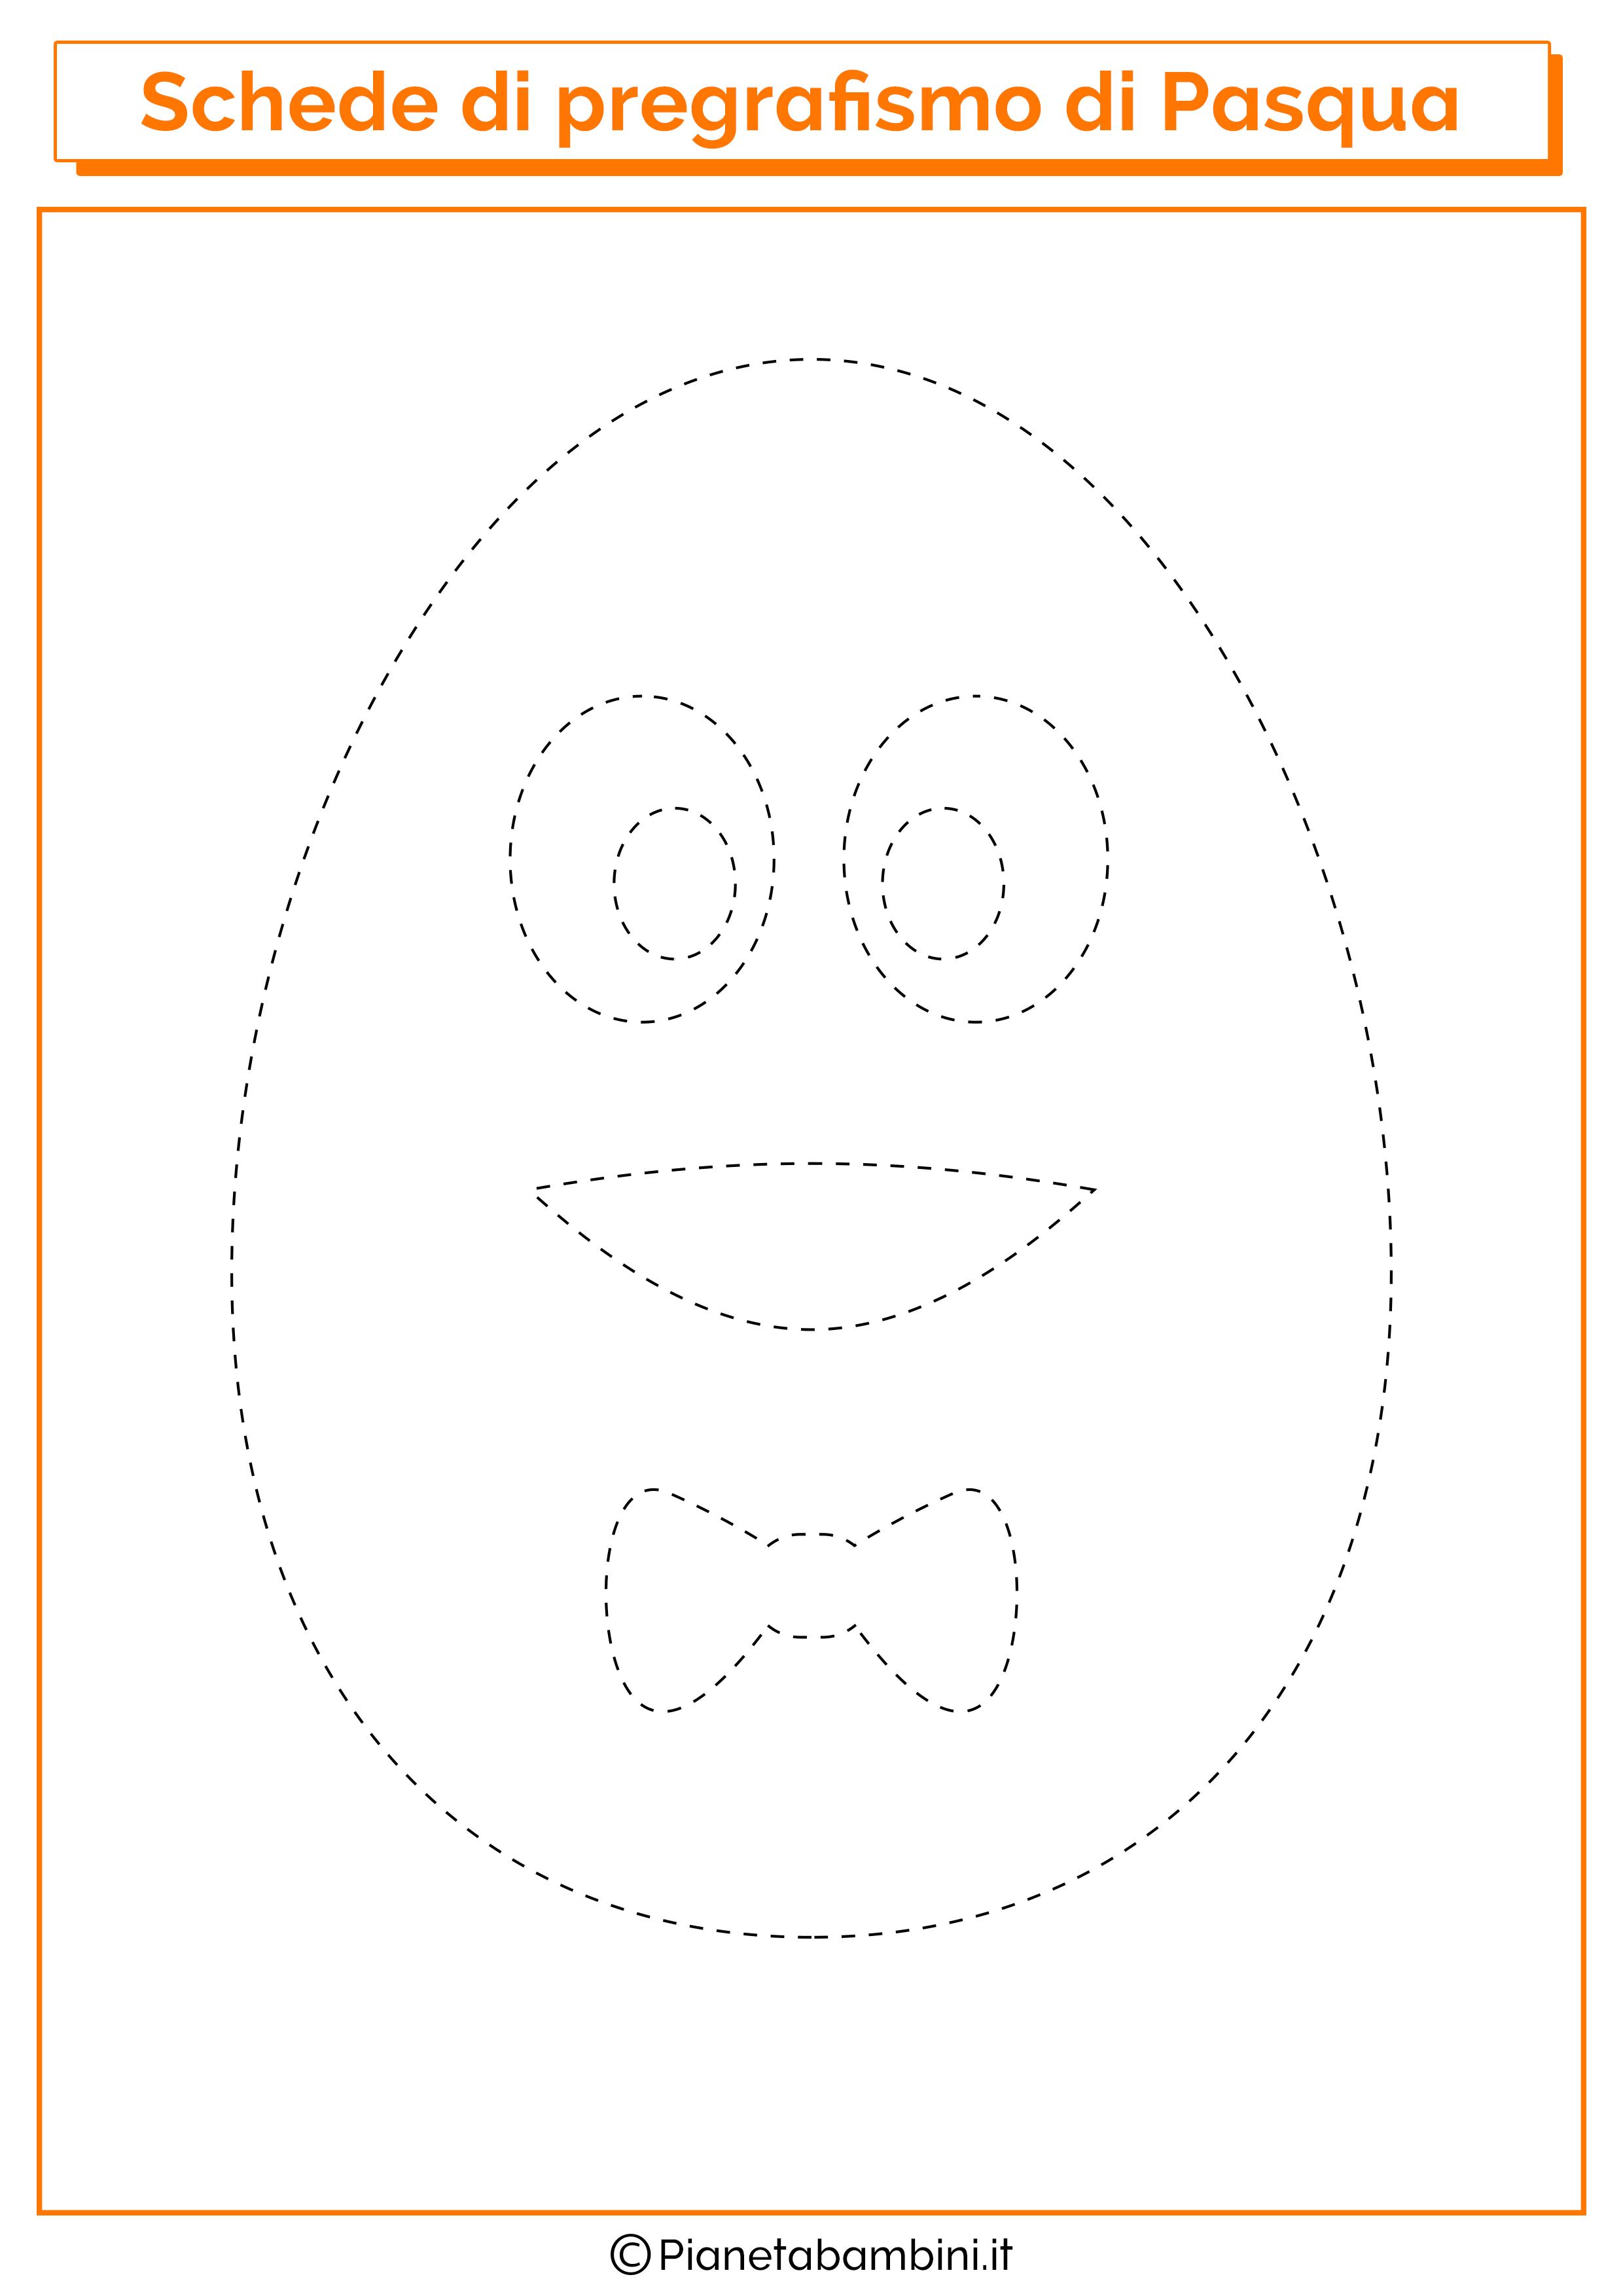 Scheda di pregrafismo di Pasqua sull'uovo con viso